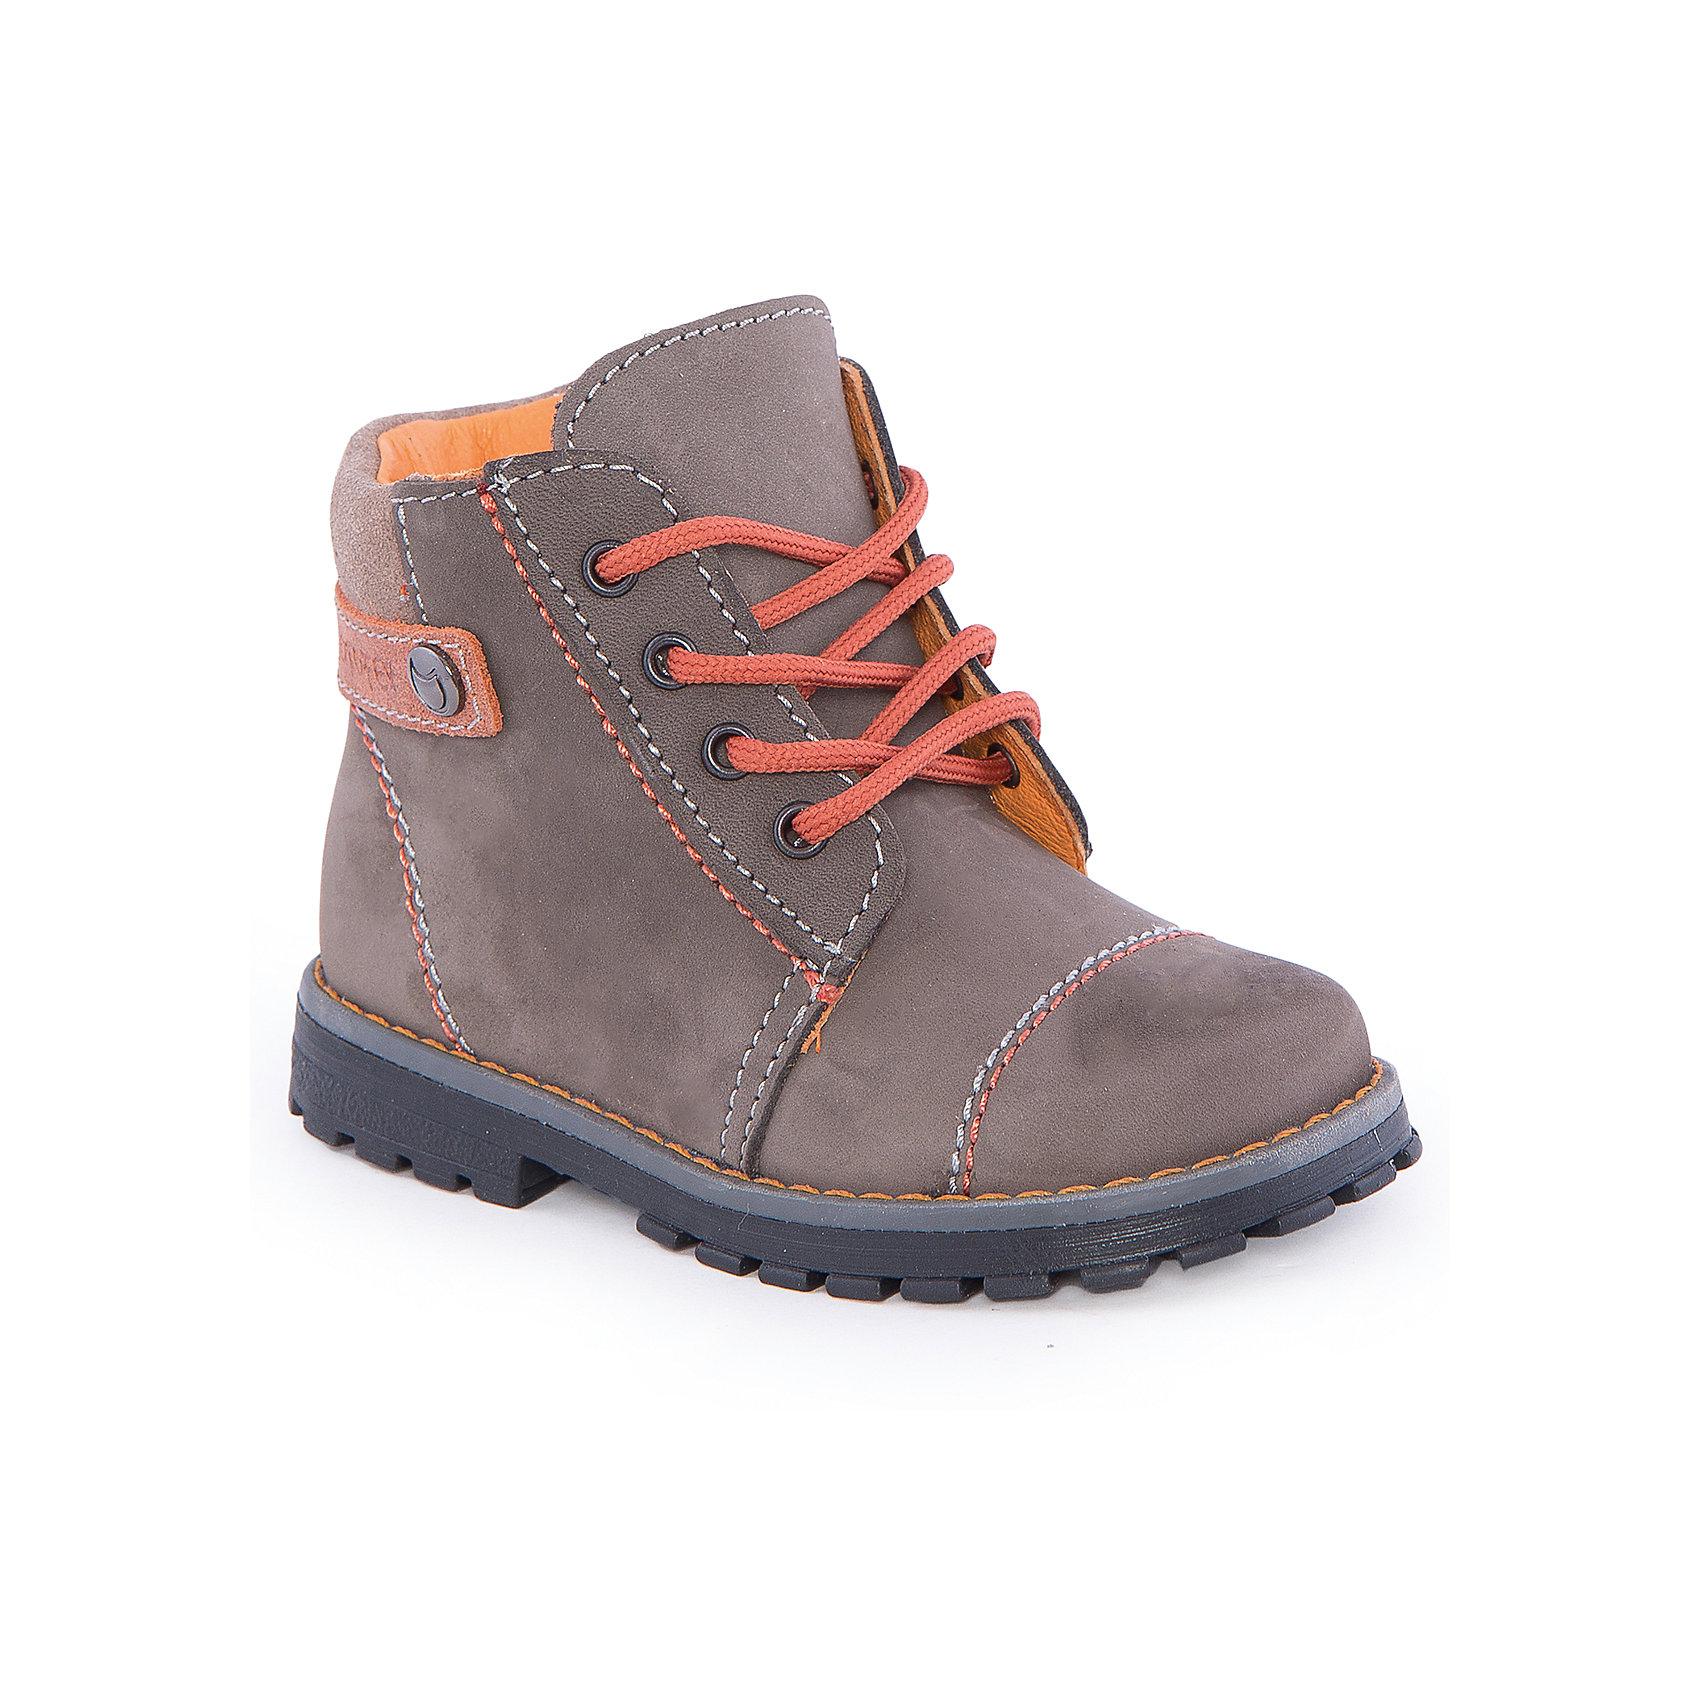 Ботинки для мальчика КотофейБотинки для мальчика от известного российского бренда Котофей <br><br>Удобные ботинки изготовлены из натуральной кожи, выполнены в универсальном сером цвете. <br>Верх сделан из материала, обеспечивающего ногам комфорт. Толстая рифленая подошва позволяет избегать скольжения практически на любой поверхности.<br><br>Особенности модели:<br><br>- цвет: серый;<br>- устойчивая подошва;<br>- декорированы оранжевыми элементами;<br>- застежка: молния, шнуровка;<br>- вид крепления обуви: клеевой;<br>- анатомическая стелька;<br>- качественные материалы;<br>- защита пальцев и пятки;<br>- модный дизайн.<br><br>Дополнительная информация:<br><br>Температурный режим: от +5° до +15°С.<br><br>Состав: <br><br>верх - натуральная кожа;<br>подкладка - натуральная кожа;<br>подошва - ТЭП.<br><br>Ботинки для мальчика Котофей можно купить в нашем магазине.<br><br>Ширина мм: 262<br>Глубина мм: 176<br>Высота мм: 97<br>Вес г: 427<br>Цвет: серый<br>Возраст от месяцев: 18<br>Возраст до месяцев: 21<br>Пол: Мужской<br>Возраст: Детский<br>Размер: 25,26,24,23<br>SKU: 4565626